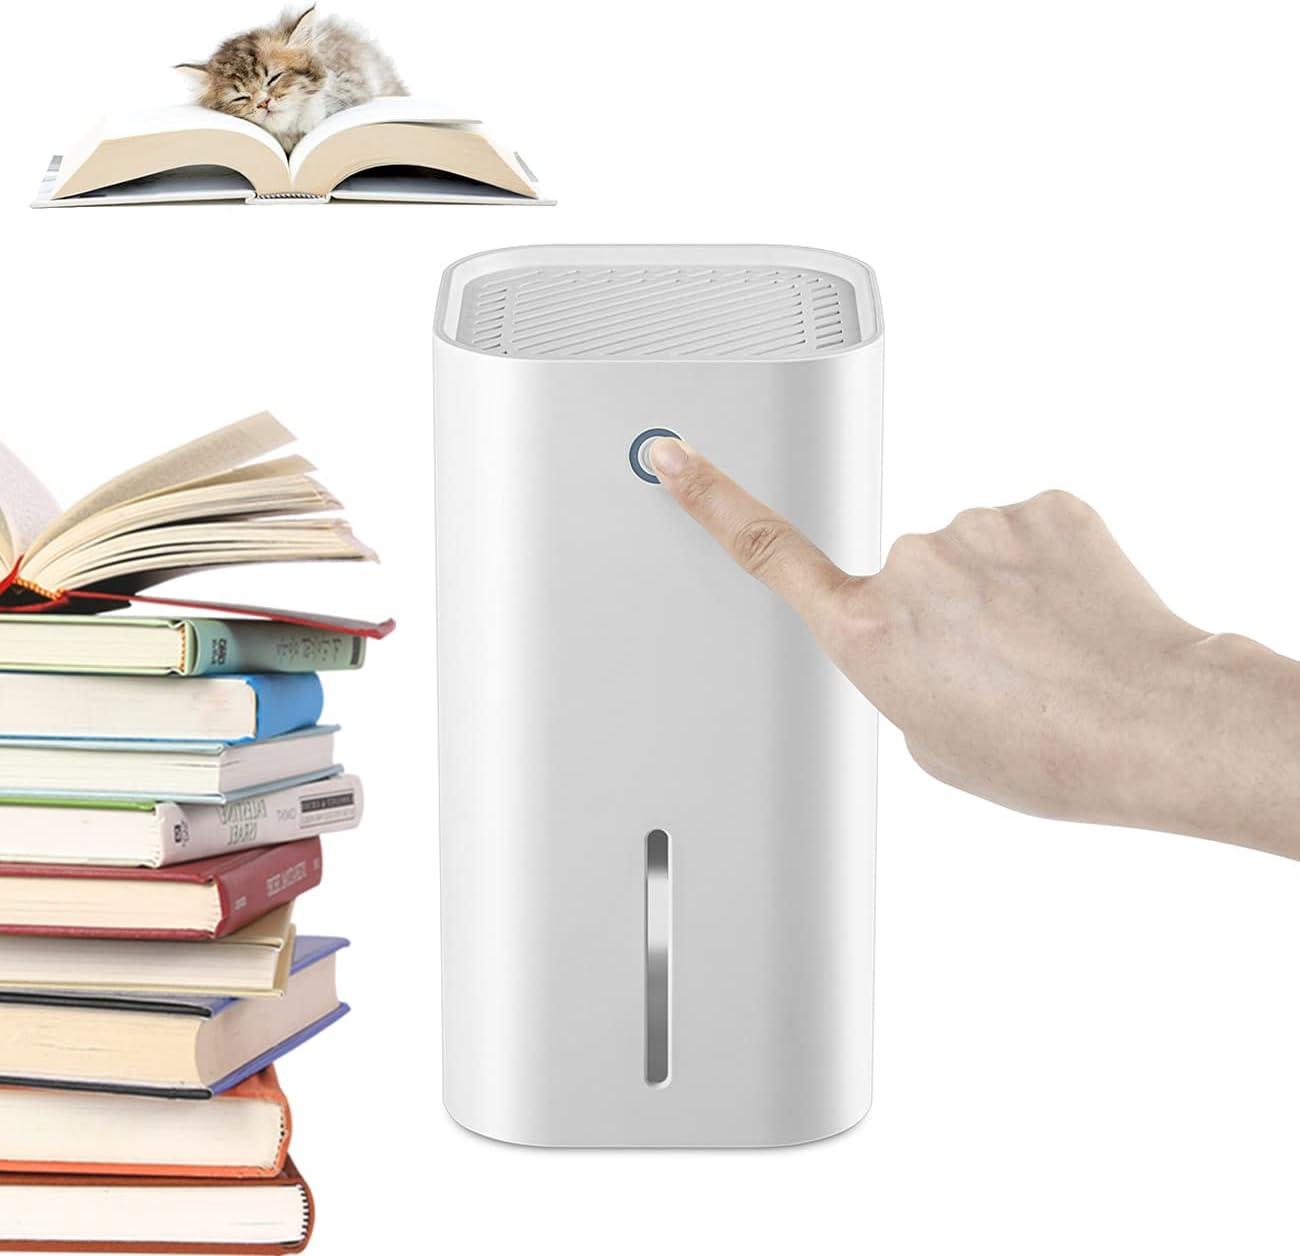 Ashtray Small Dehumidifier Portable Max 90% OFF Bargain sale Aut with Mini